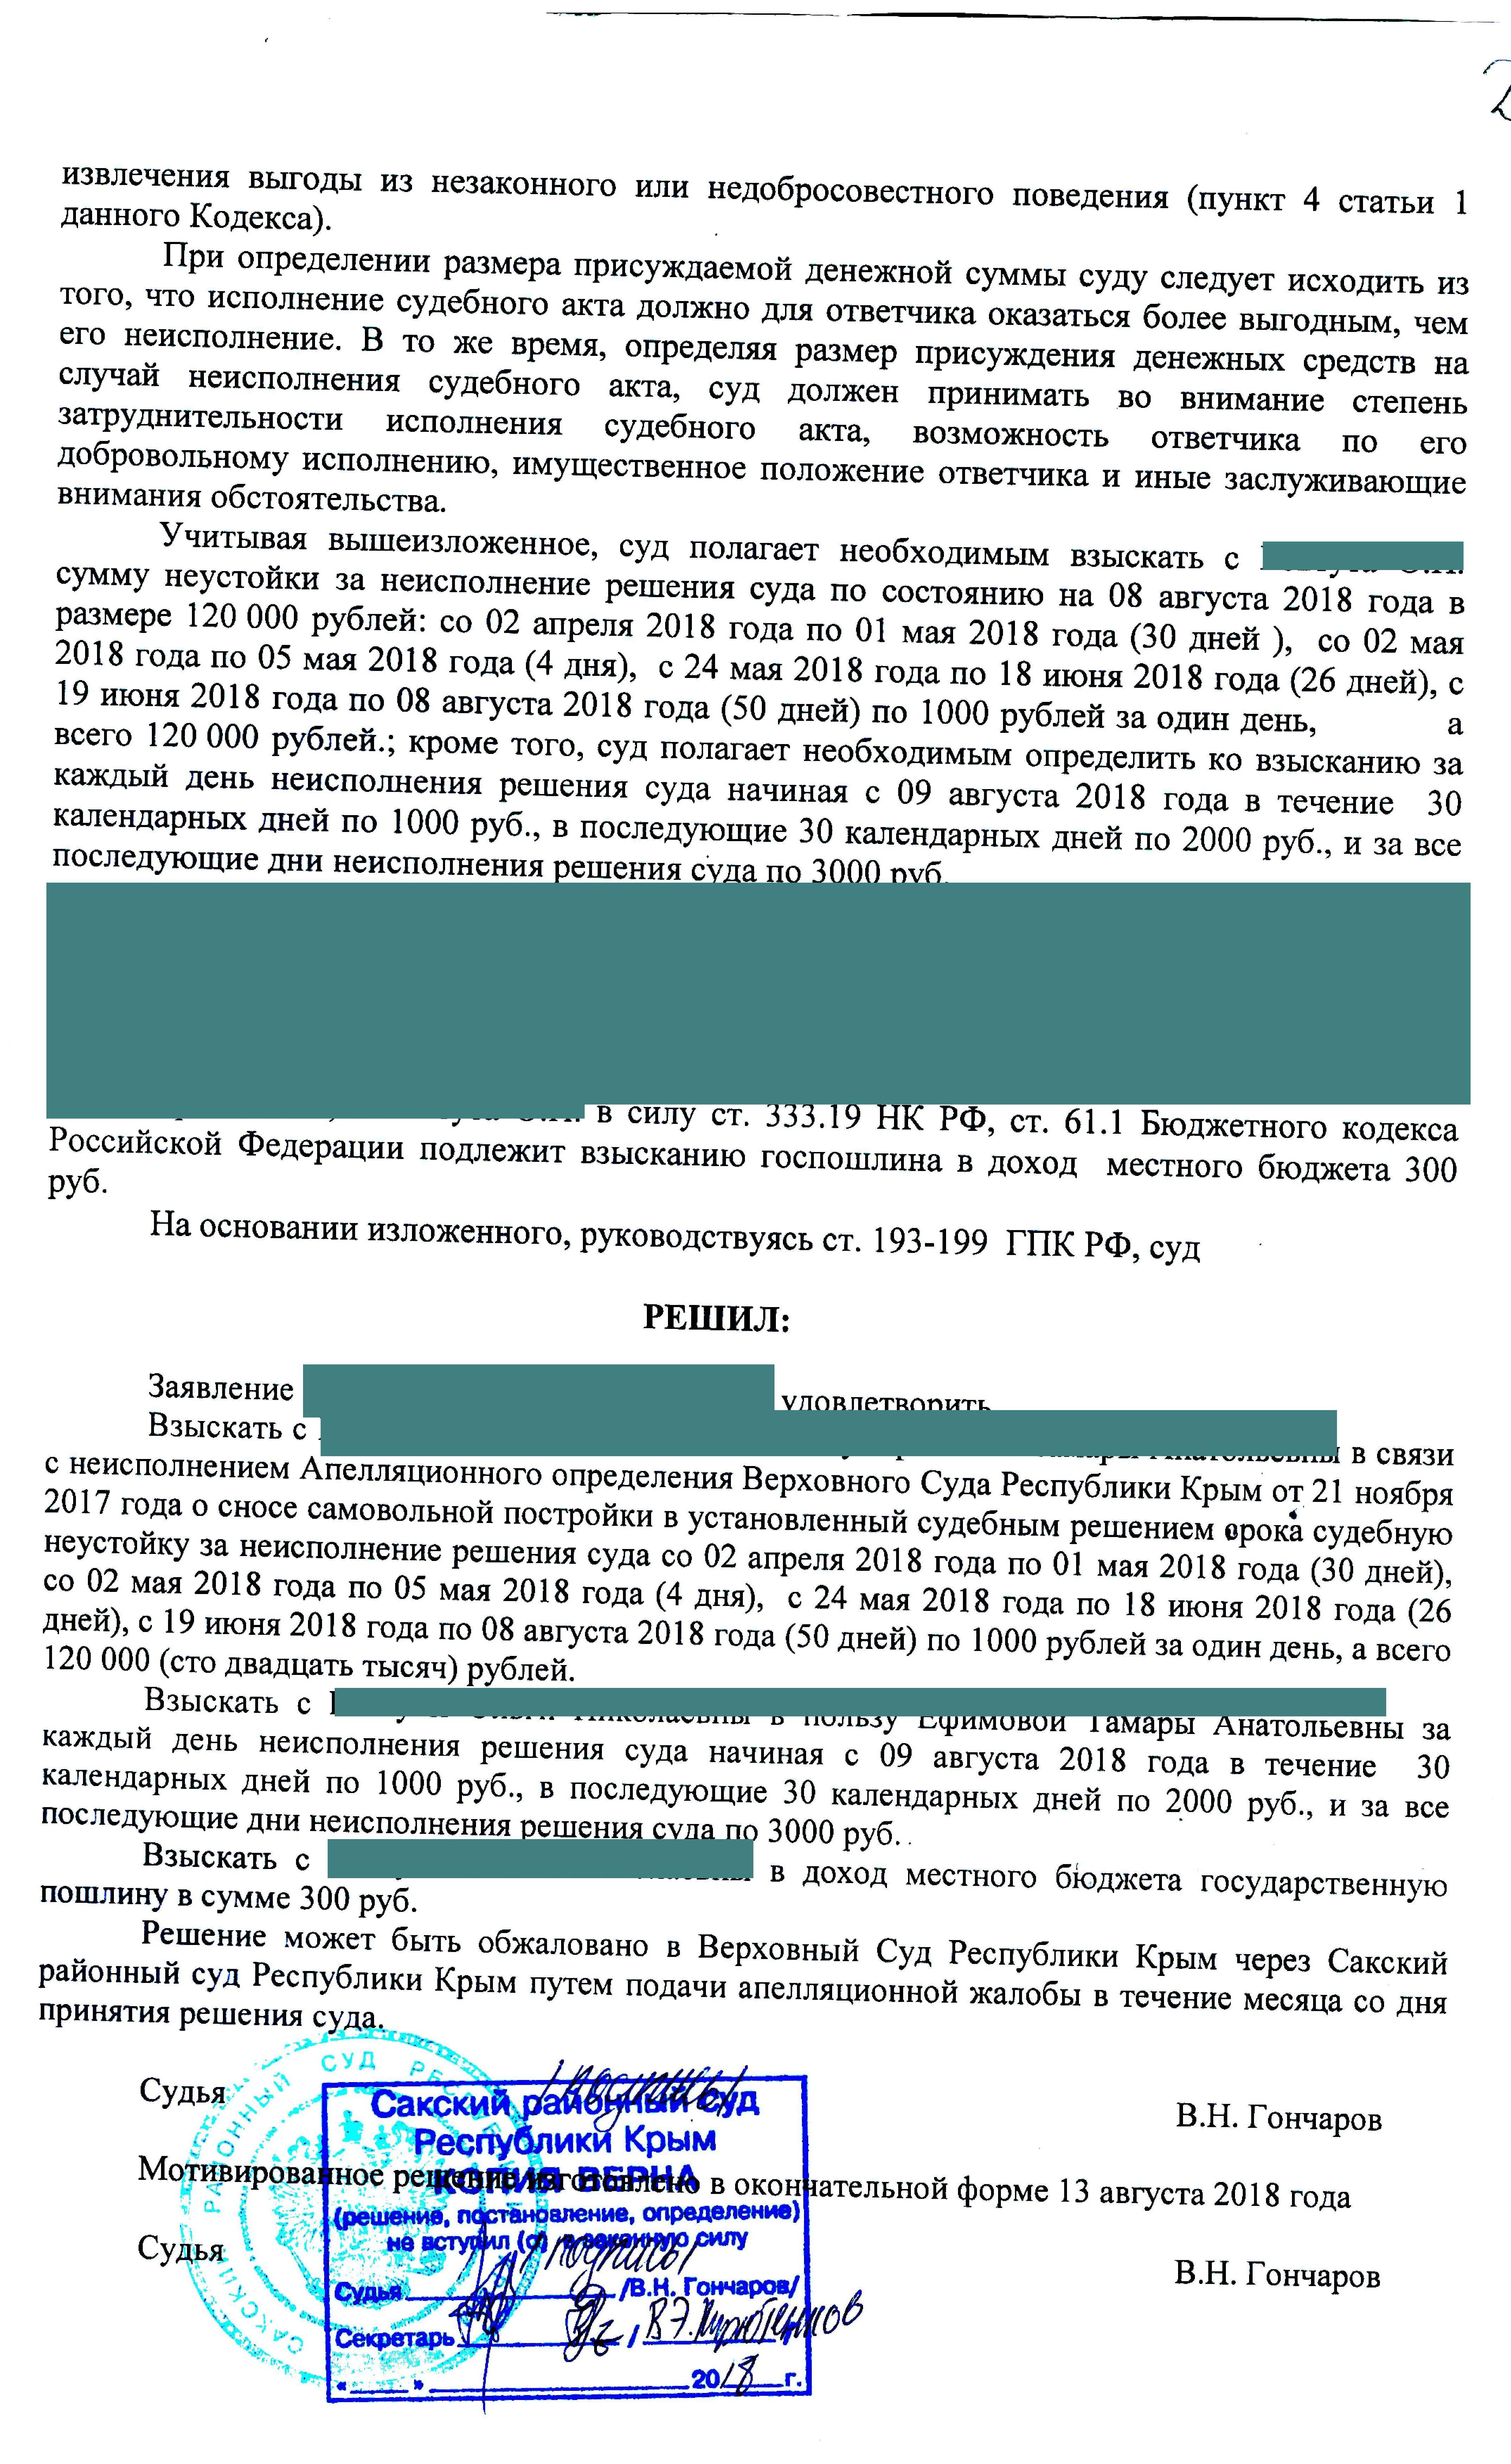 Исполнение решения суда, снос самовольного строения, по решению Верховного суда Республики Крым